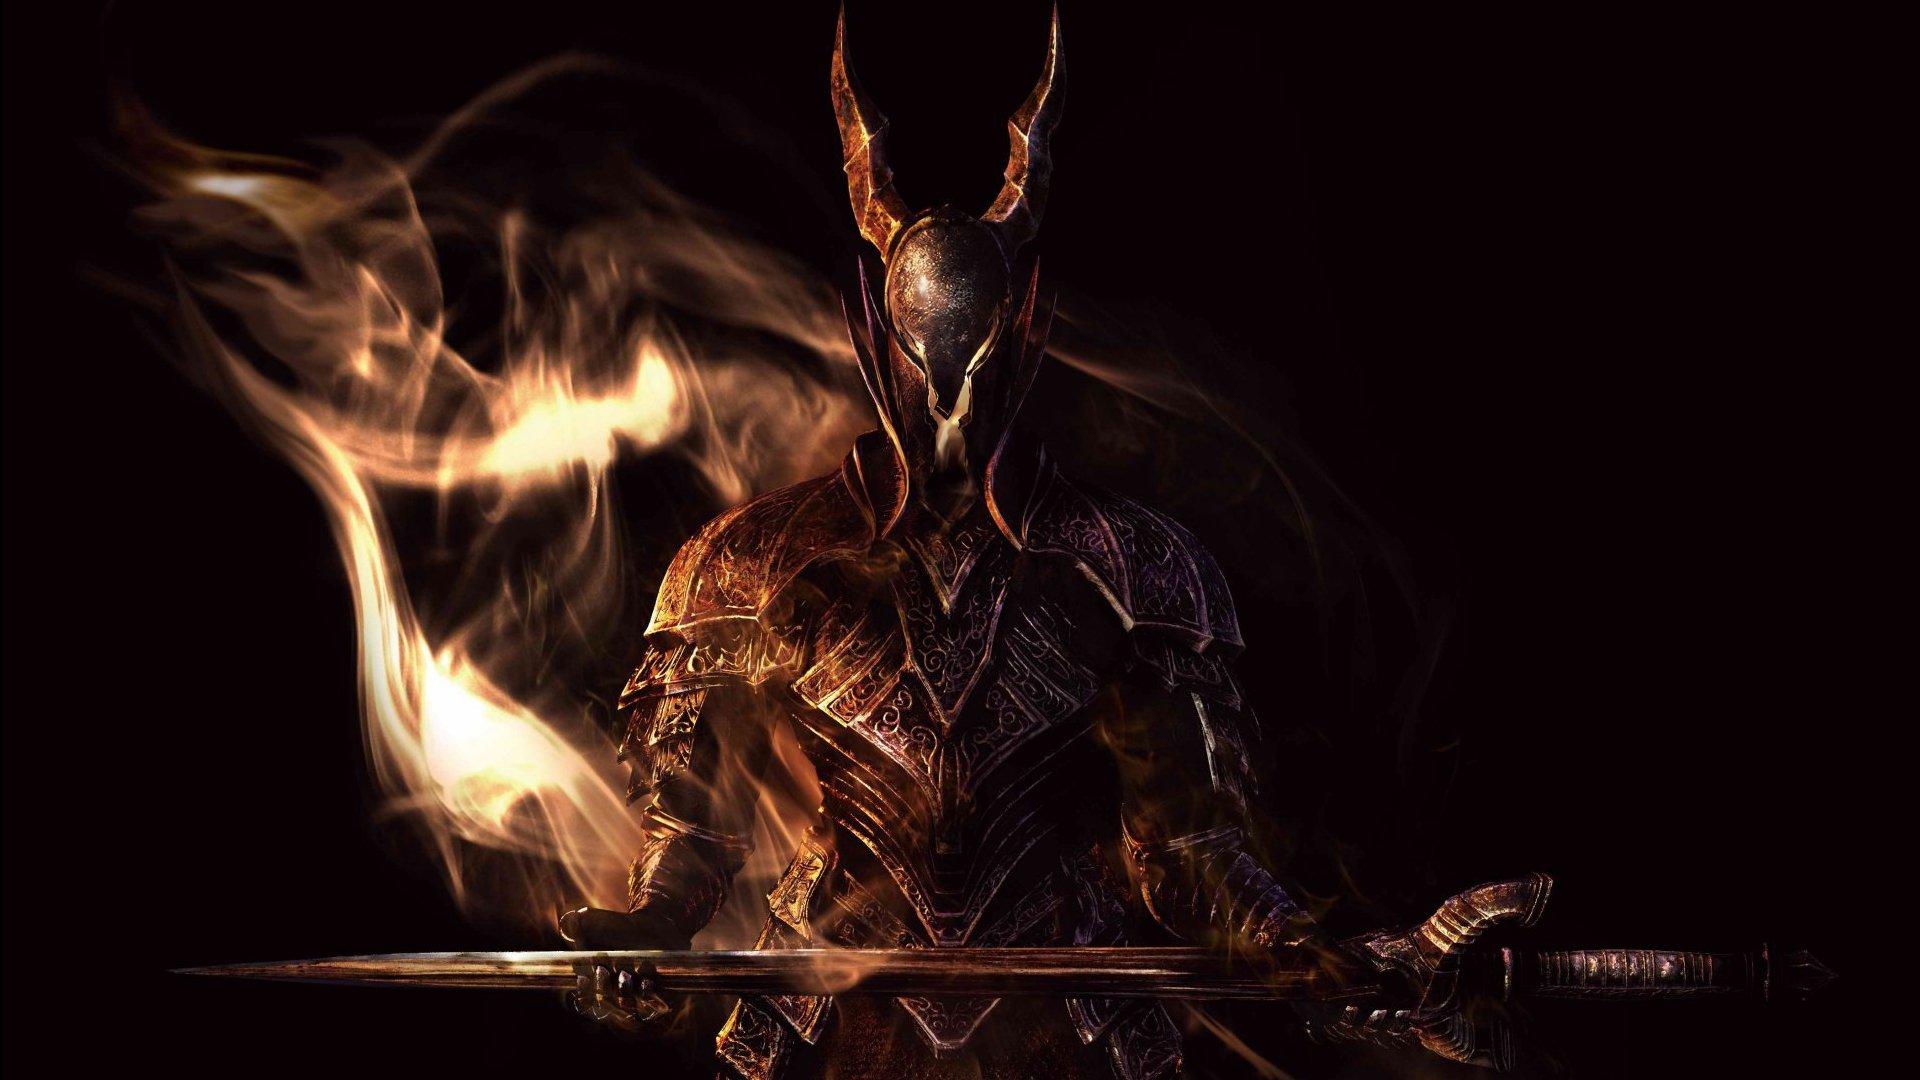 Часть 1  Хочу поделиться своими впечатлениями насчёт pc-версии Dark Souls, а то меня скоро захватит FTL и впечатлени ... - Изображение 1